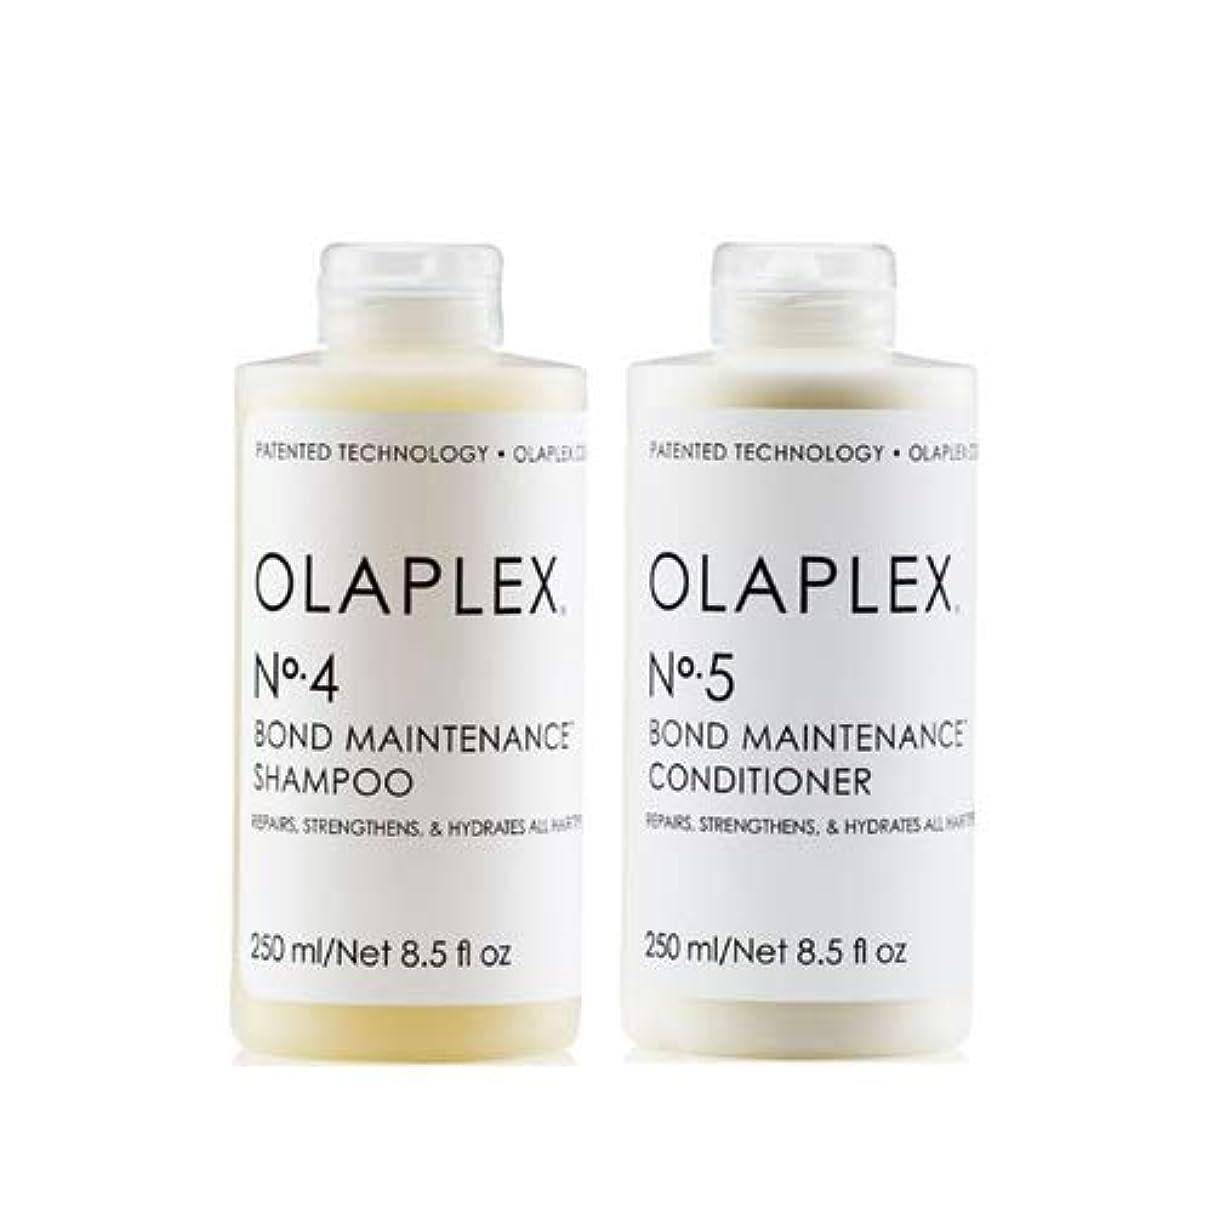 騒乱図ドナーOlaplex オラプレックス No. 4 5 ボンド メンテナンス シャンプー&コンディショナー Olaplex Bond Maintenance Shampoo & Conditioner 【並行輸入品】